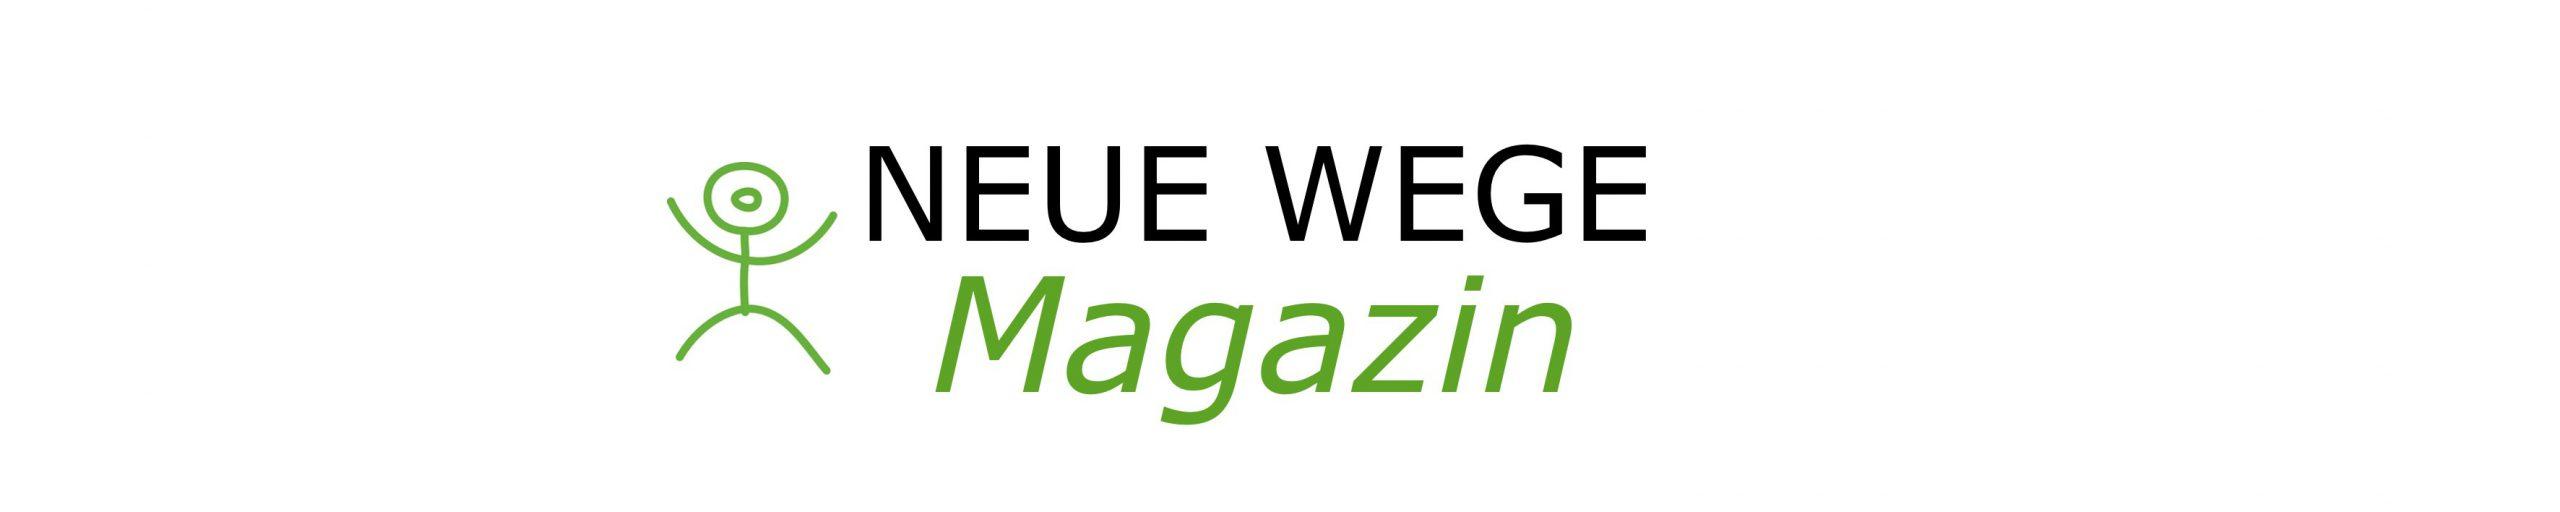 NEUE WEGE Magazin